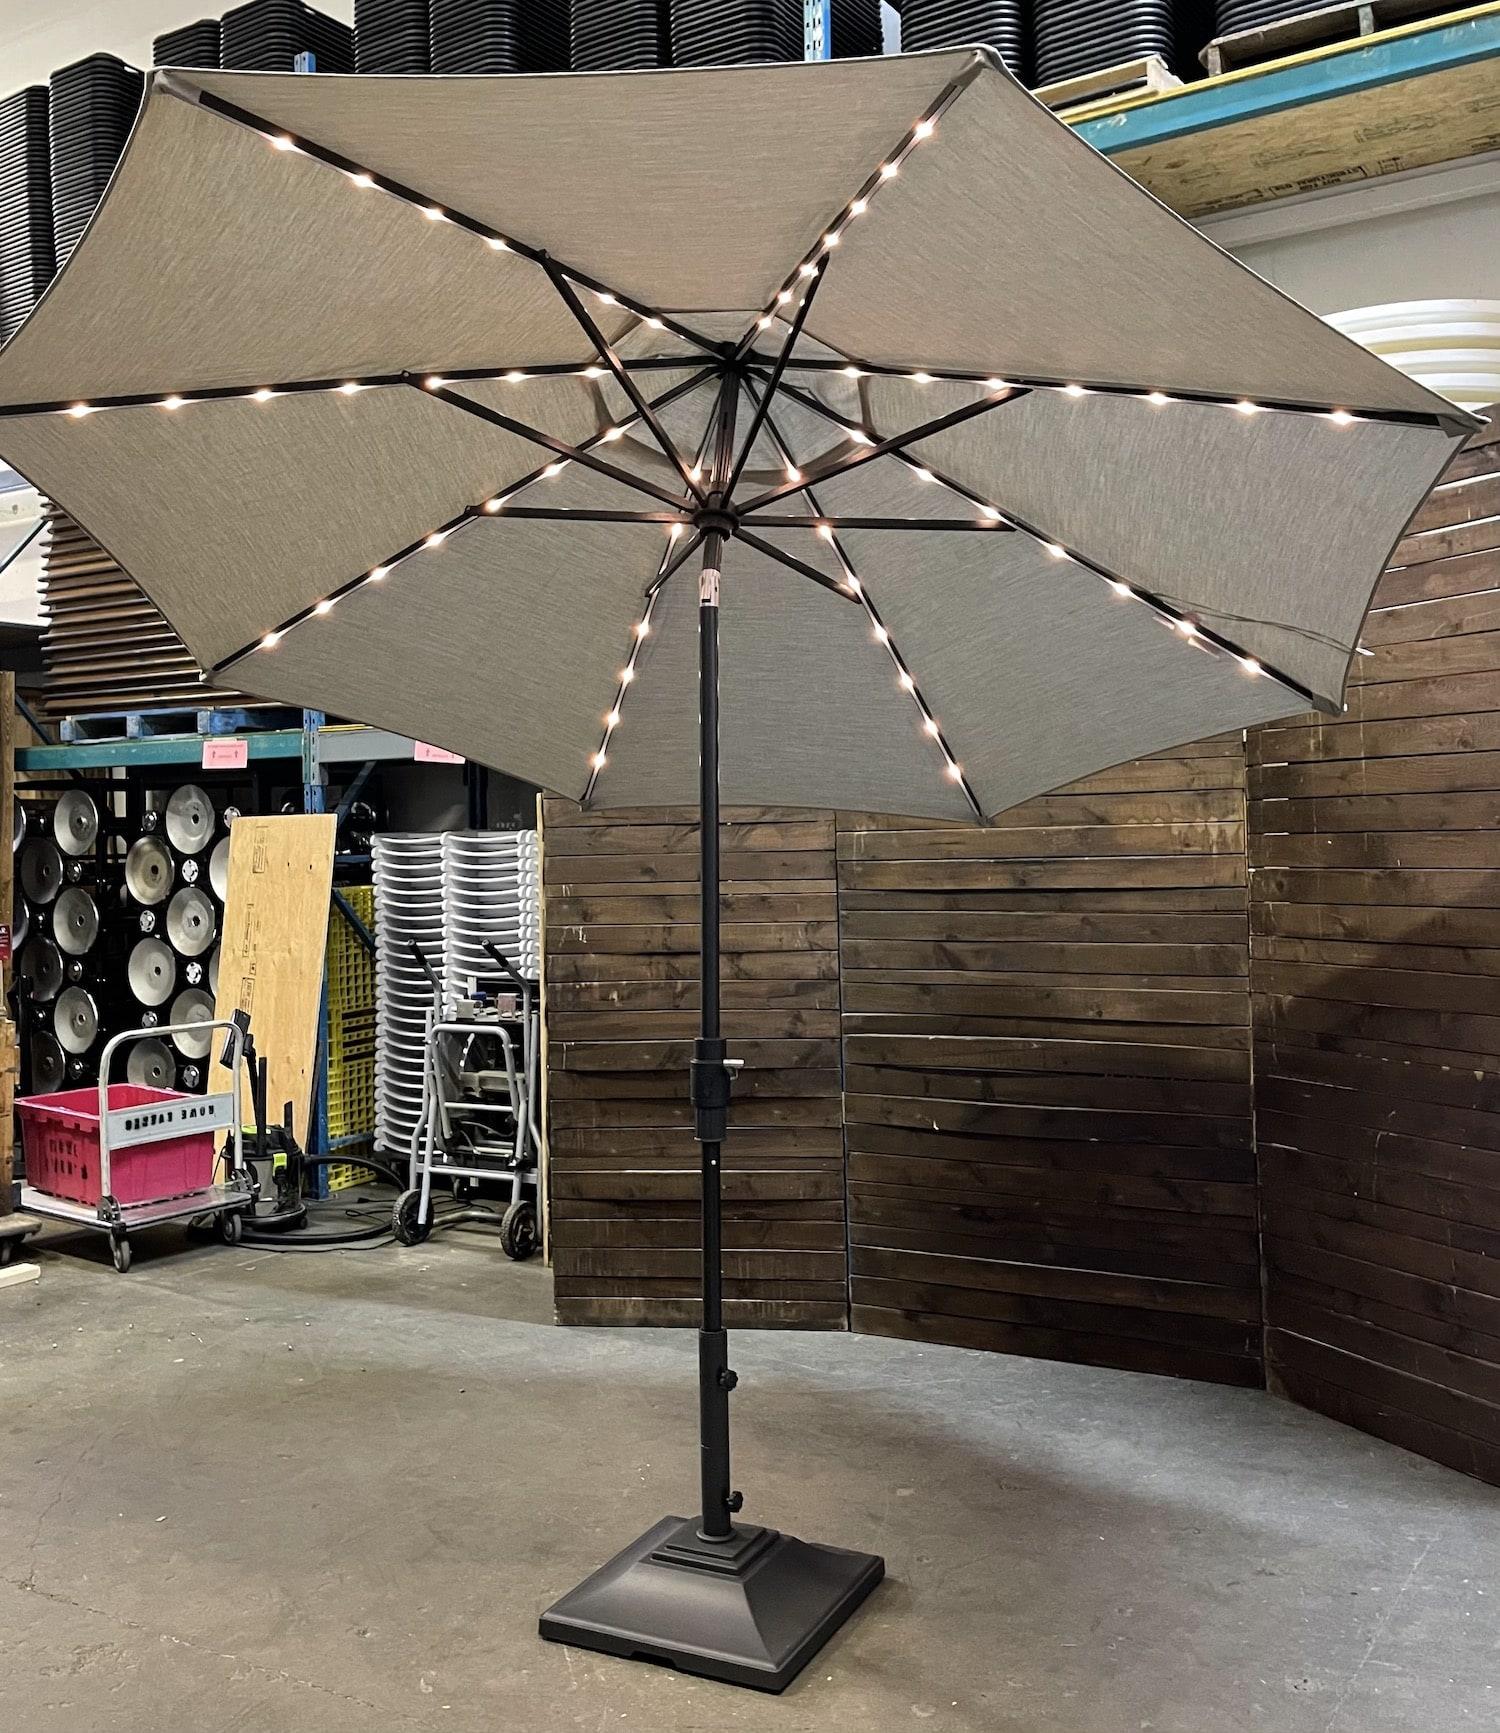 10 ft umbrella